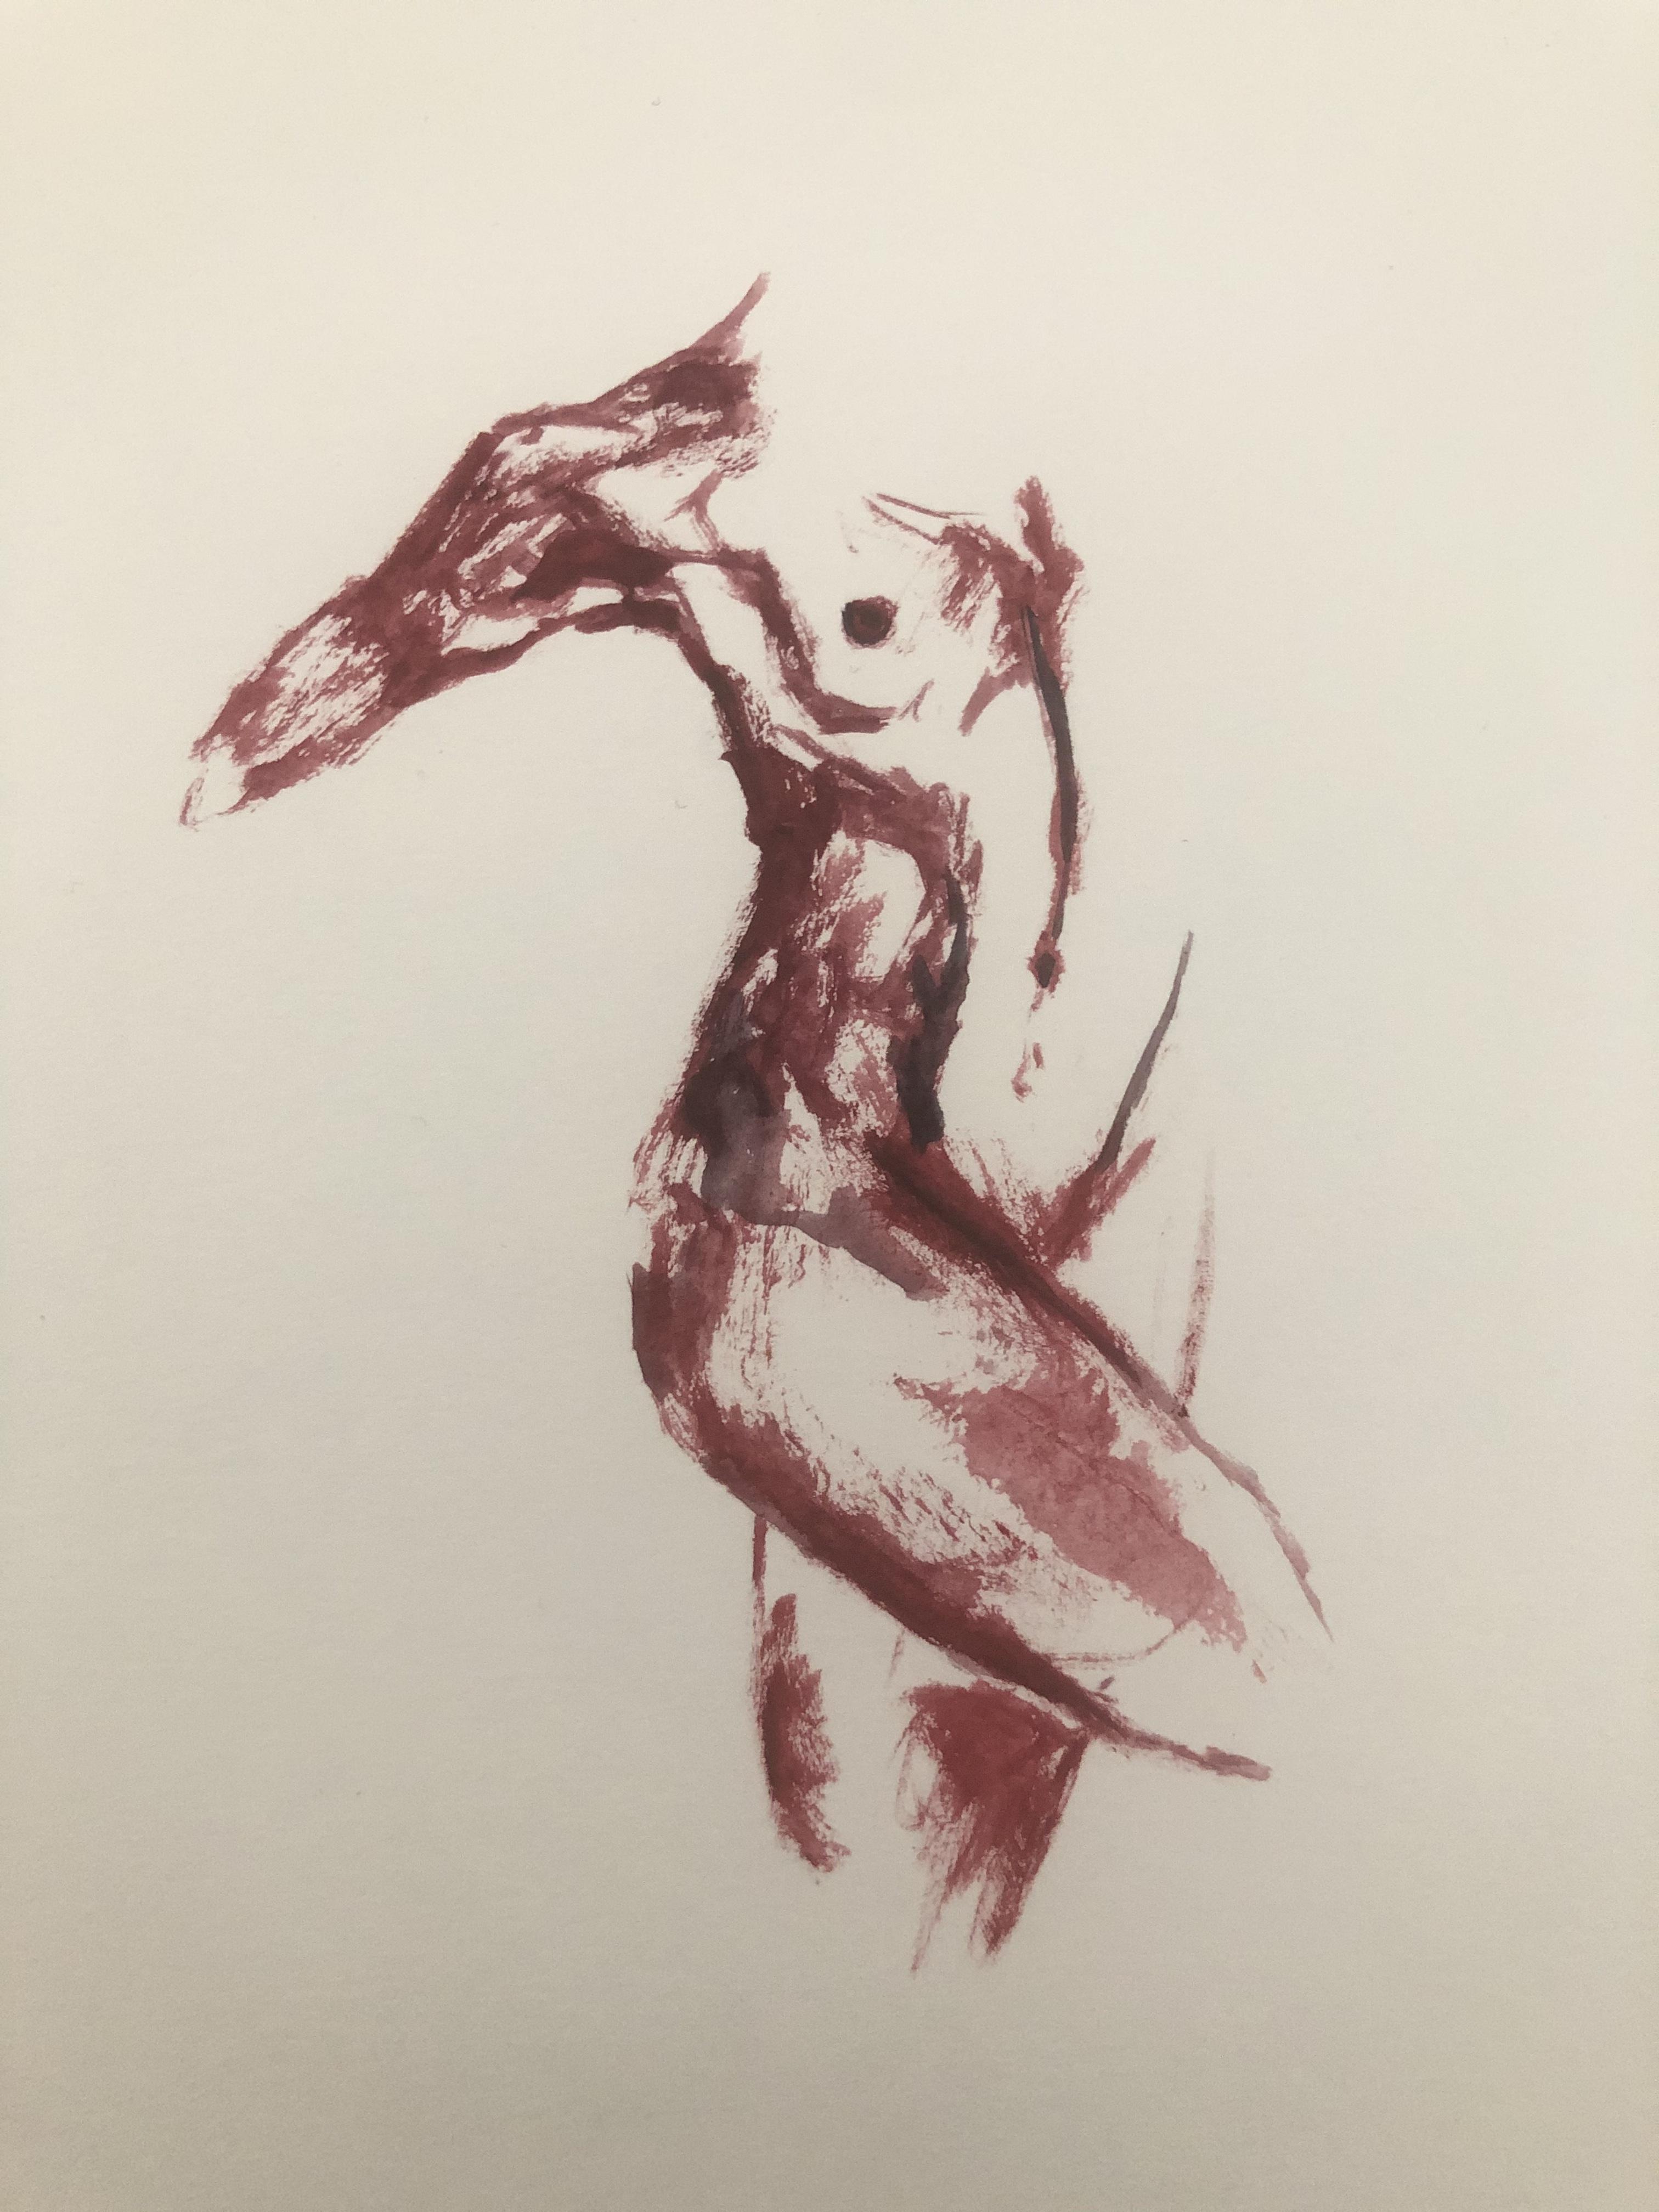 Buste en Bordeaux femme sur papier  cours de dessin